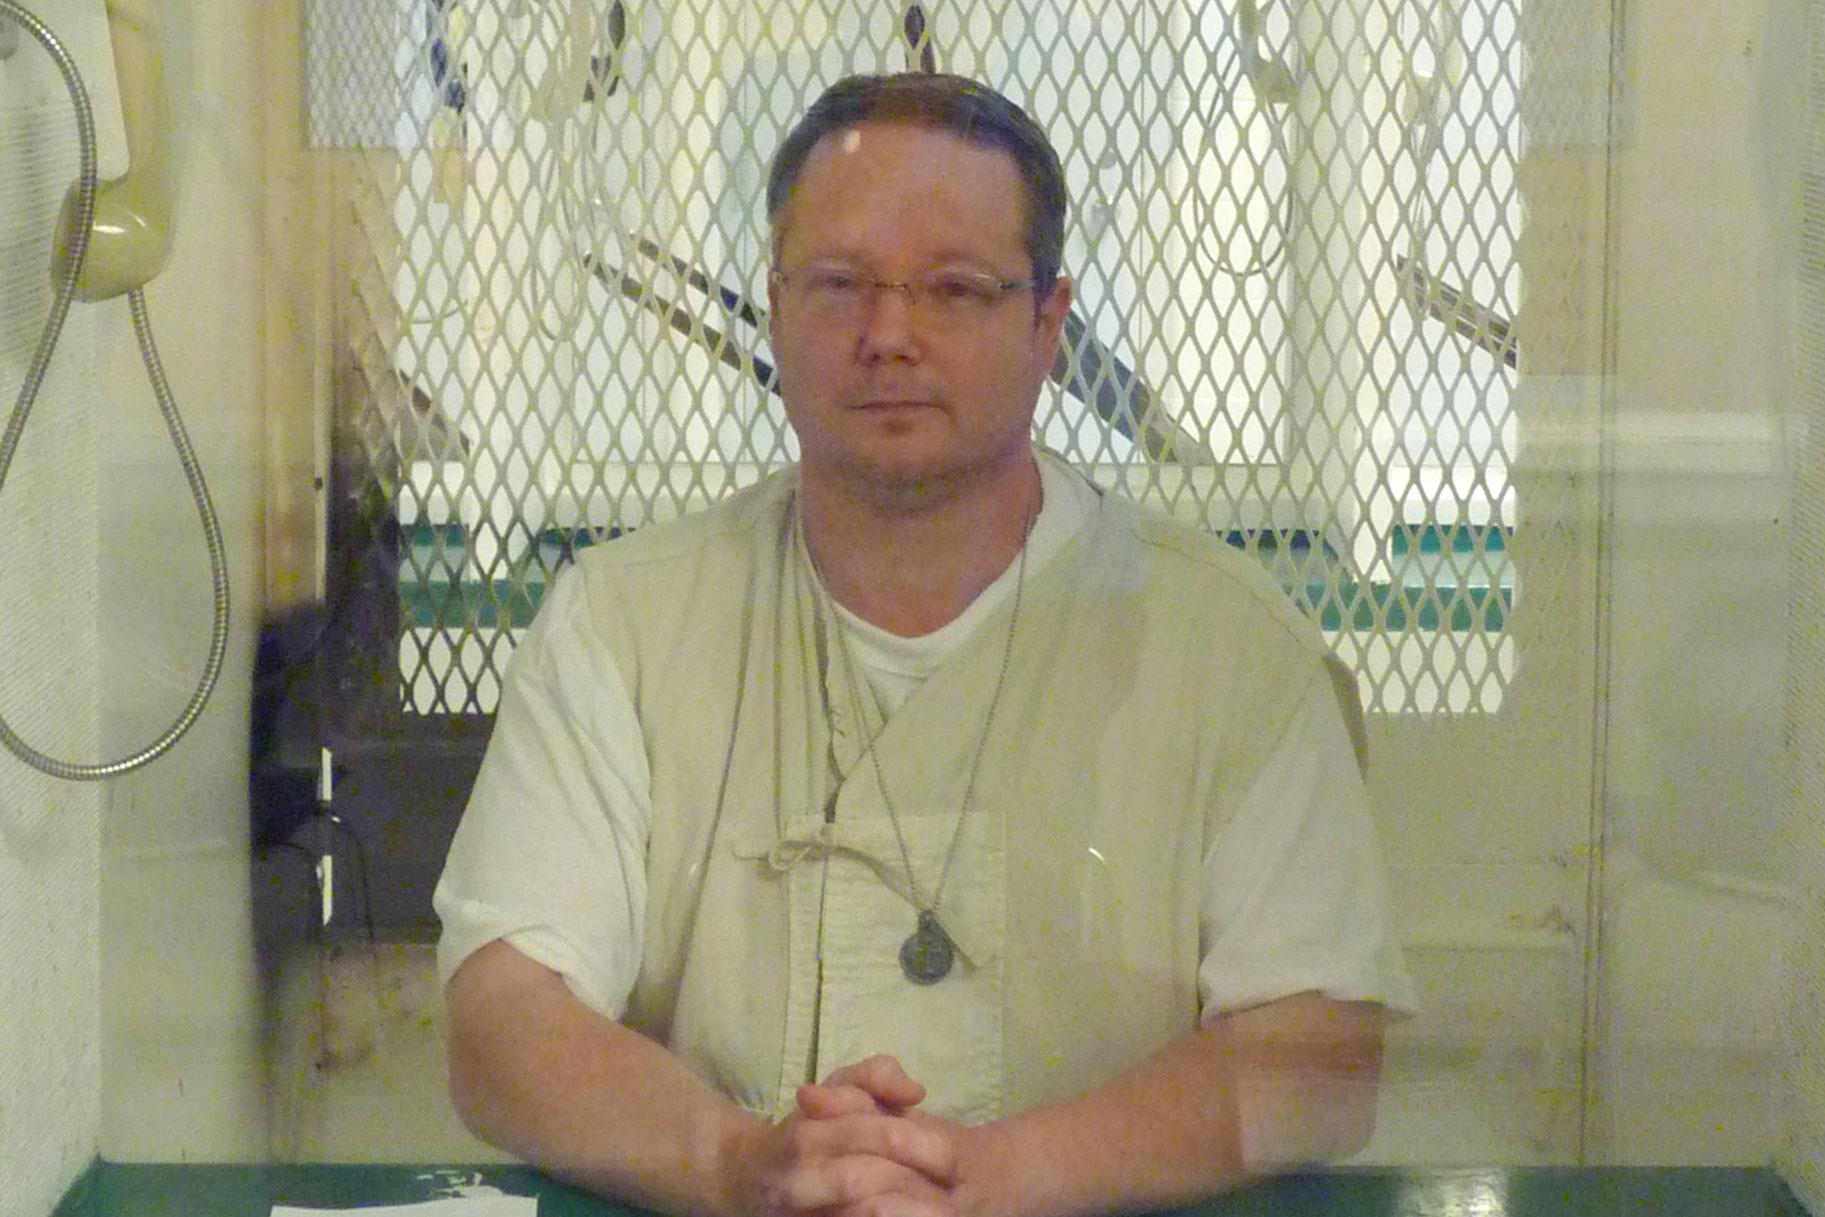 Ο πρώην δικαστής του Τέξας συγκέντρωσε όπλα, Napalm πριν σκοτώσει 2 εισαγγελείς στο Brutal Revenge Plot